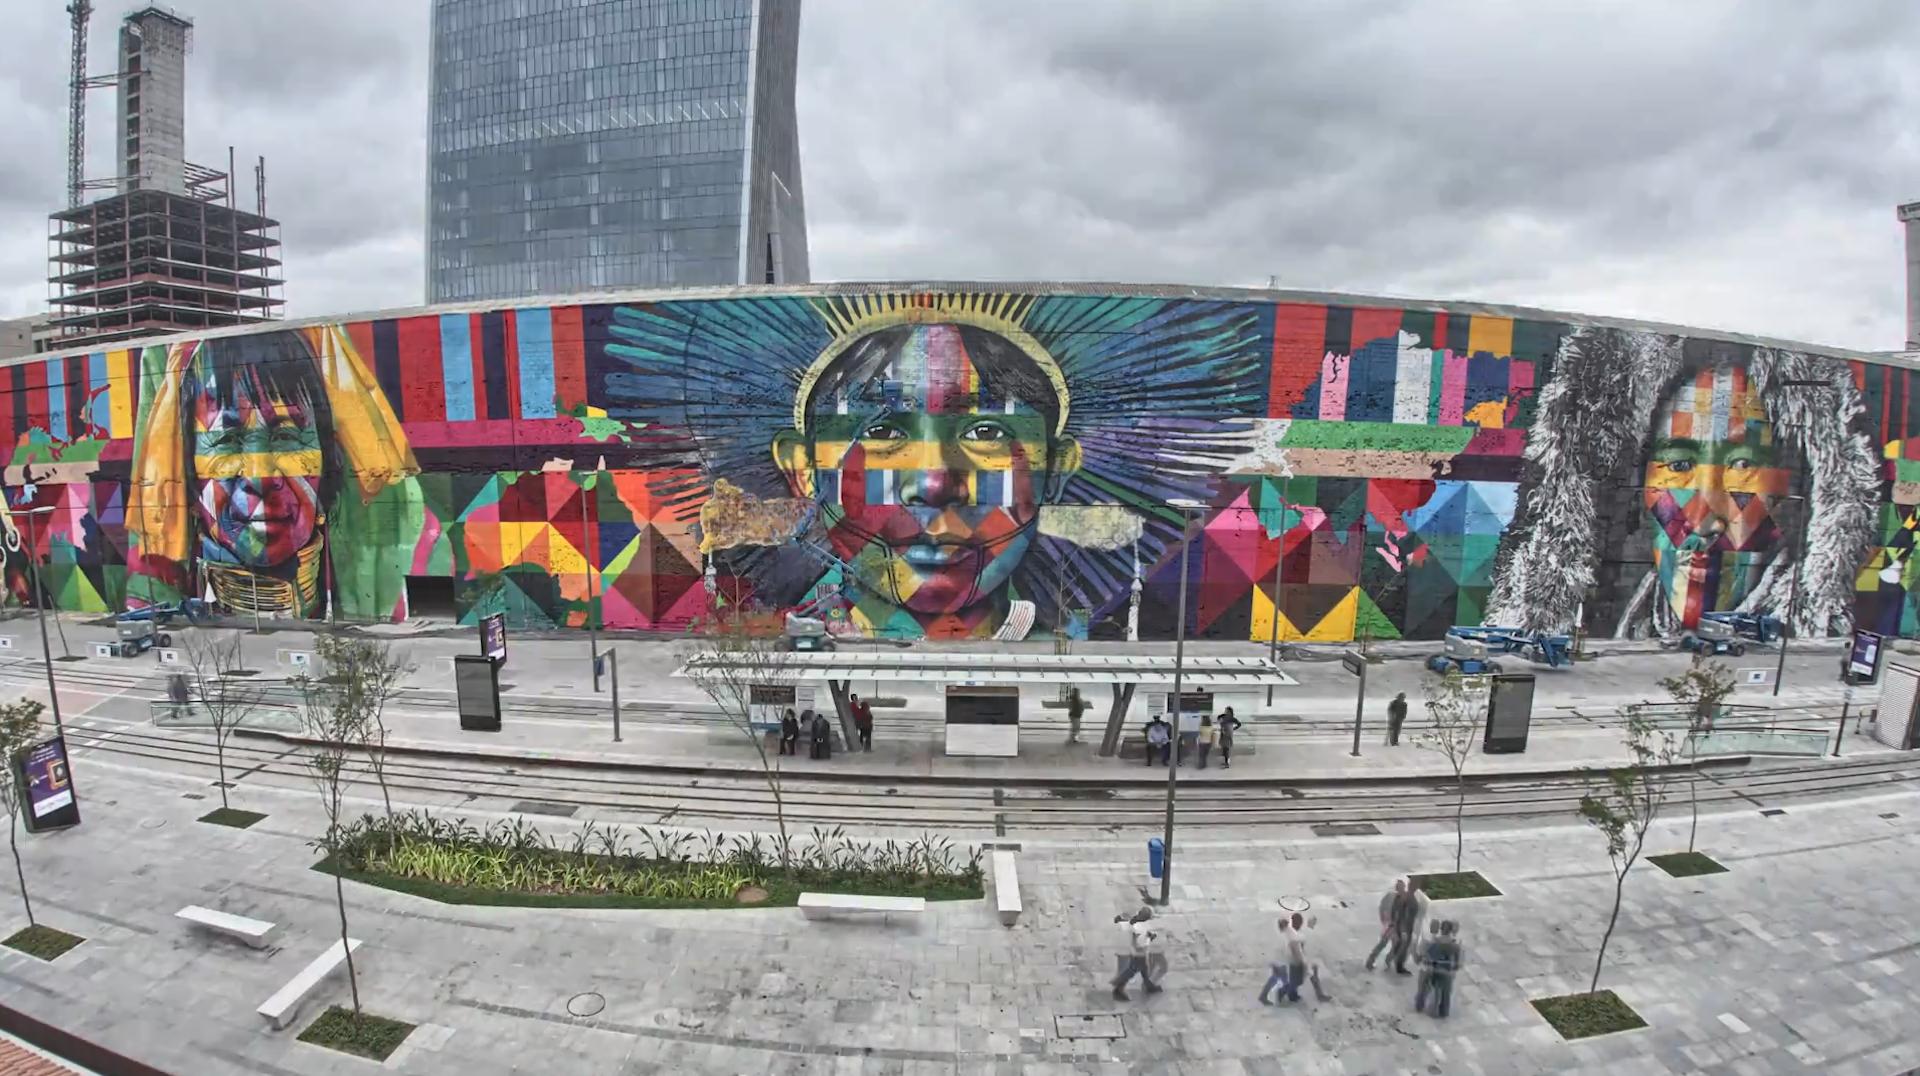 Eduardo Kobra 2016 Rio De Janeiro Brazil